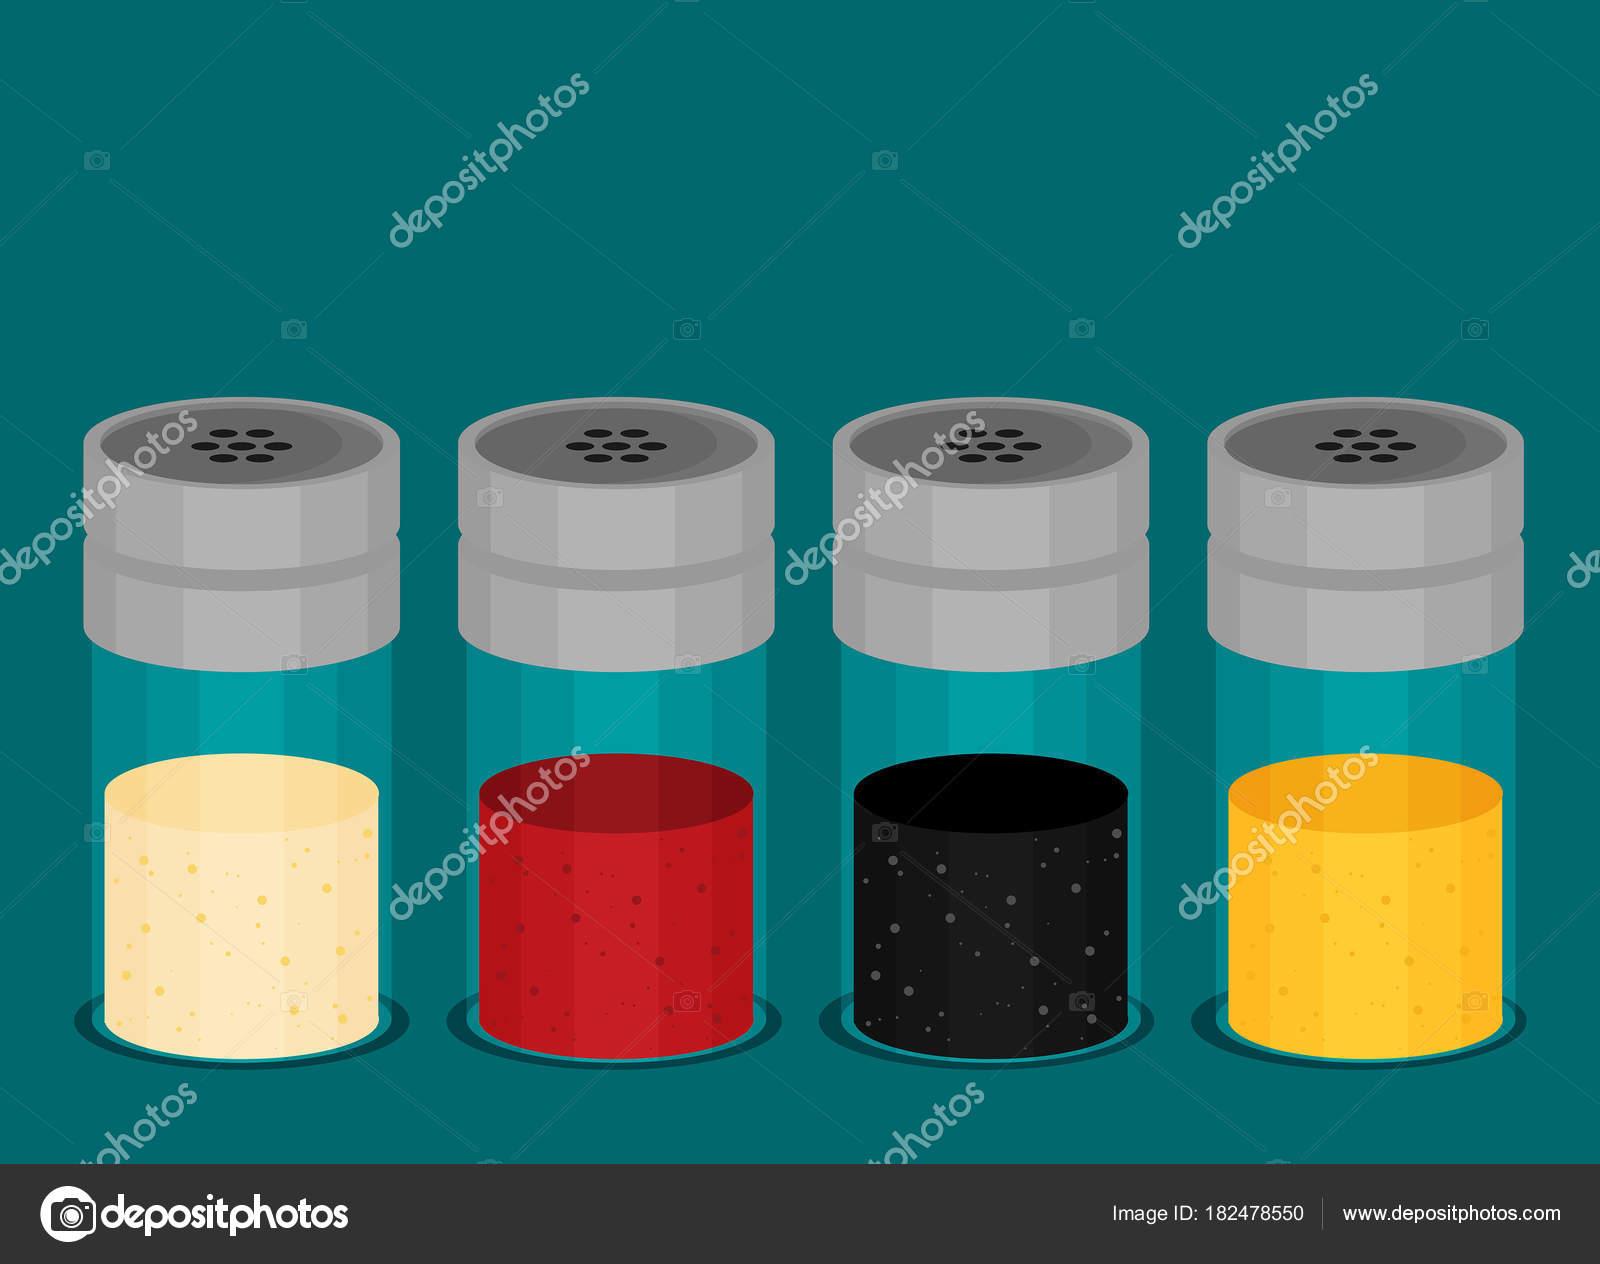 kitchen herb kit repair moen faucet 成套厨房香料在包裹 图库矢量图像 c mix3r 182478550 图库矢量图片